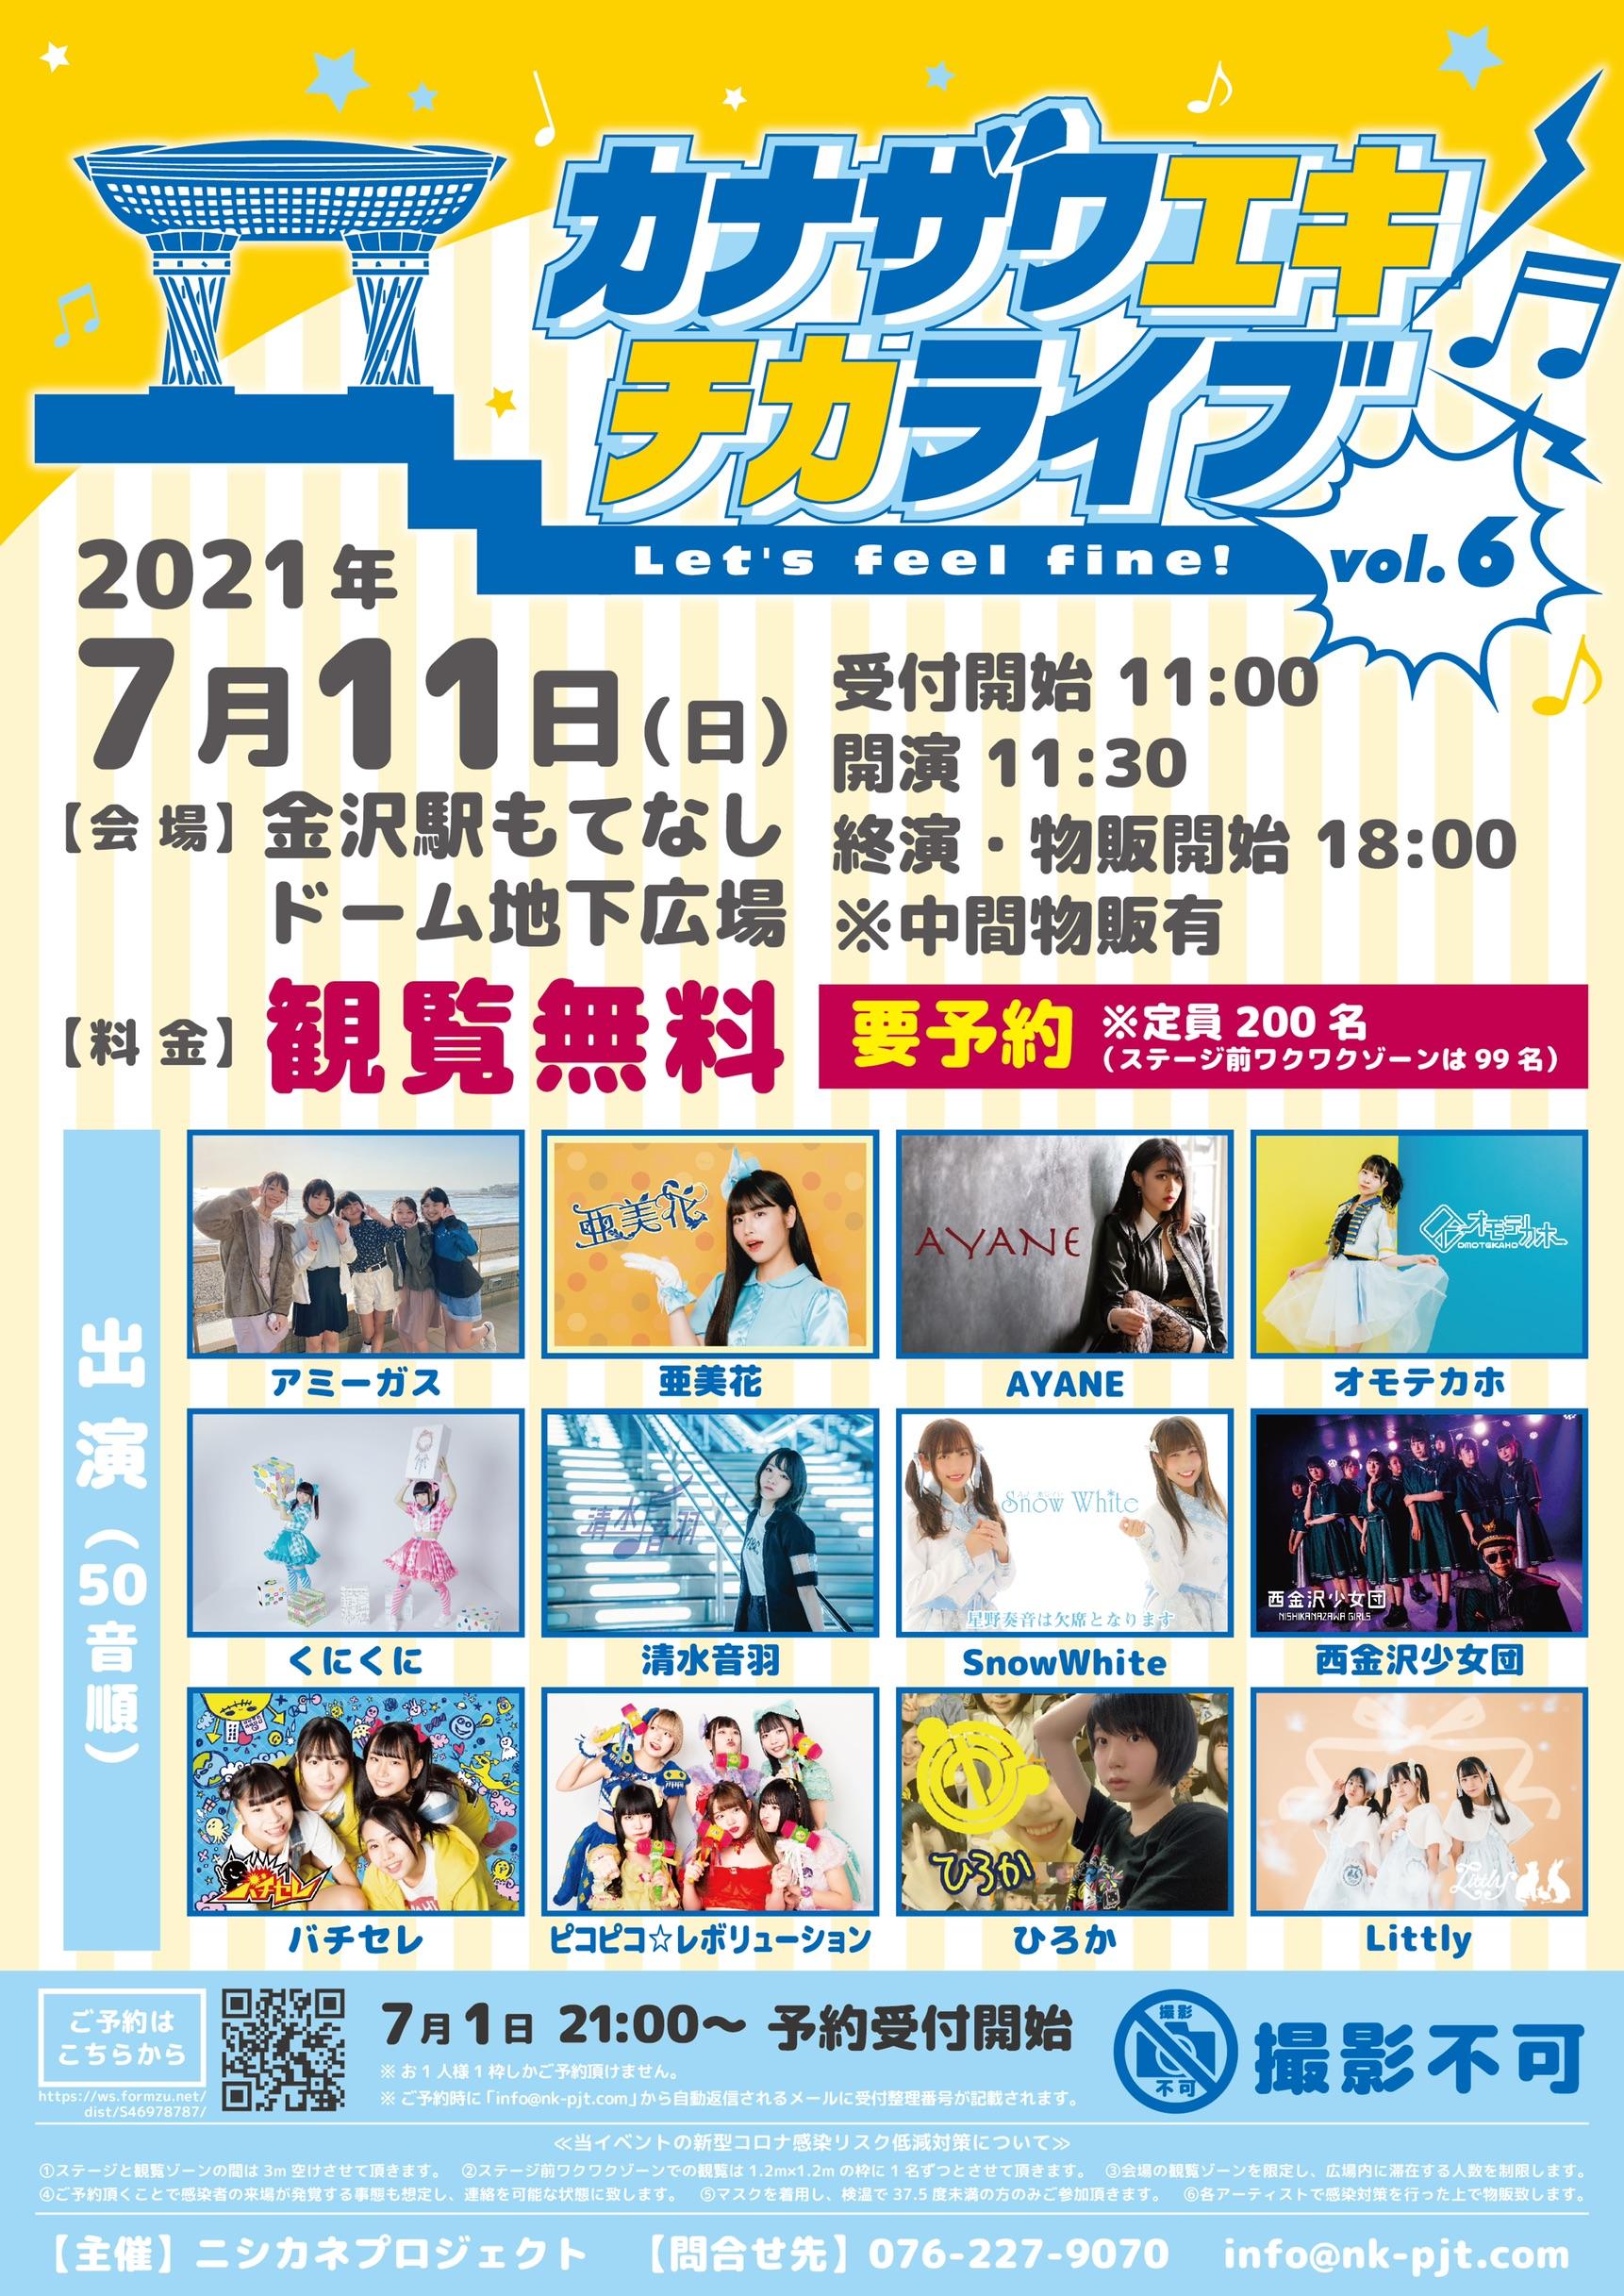 カナザワエキチカライブ vol.6(金沢) @ 金沢駅もてなしドーム地下広場